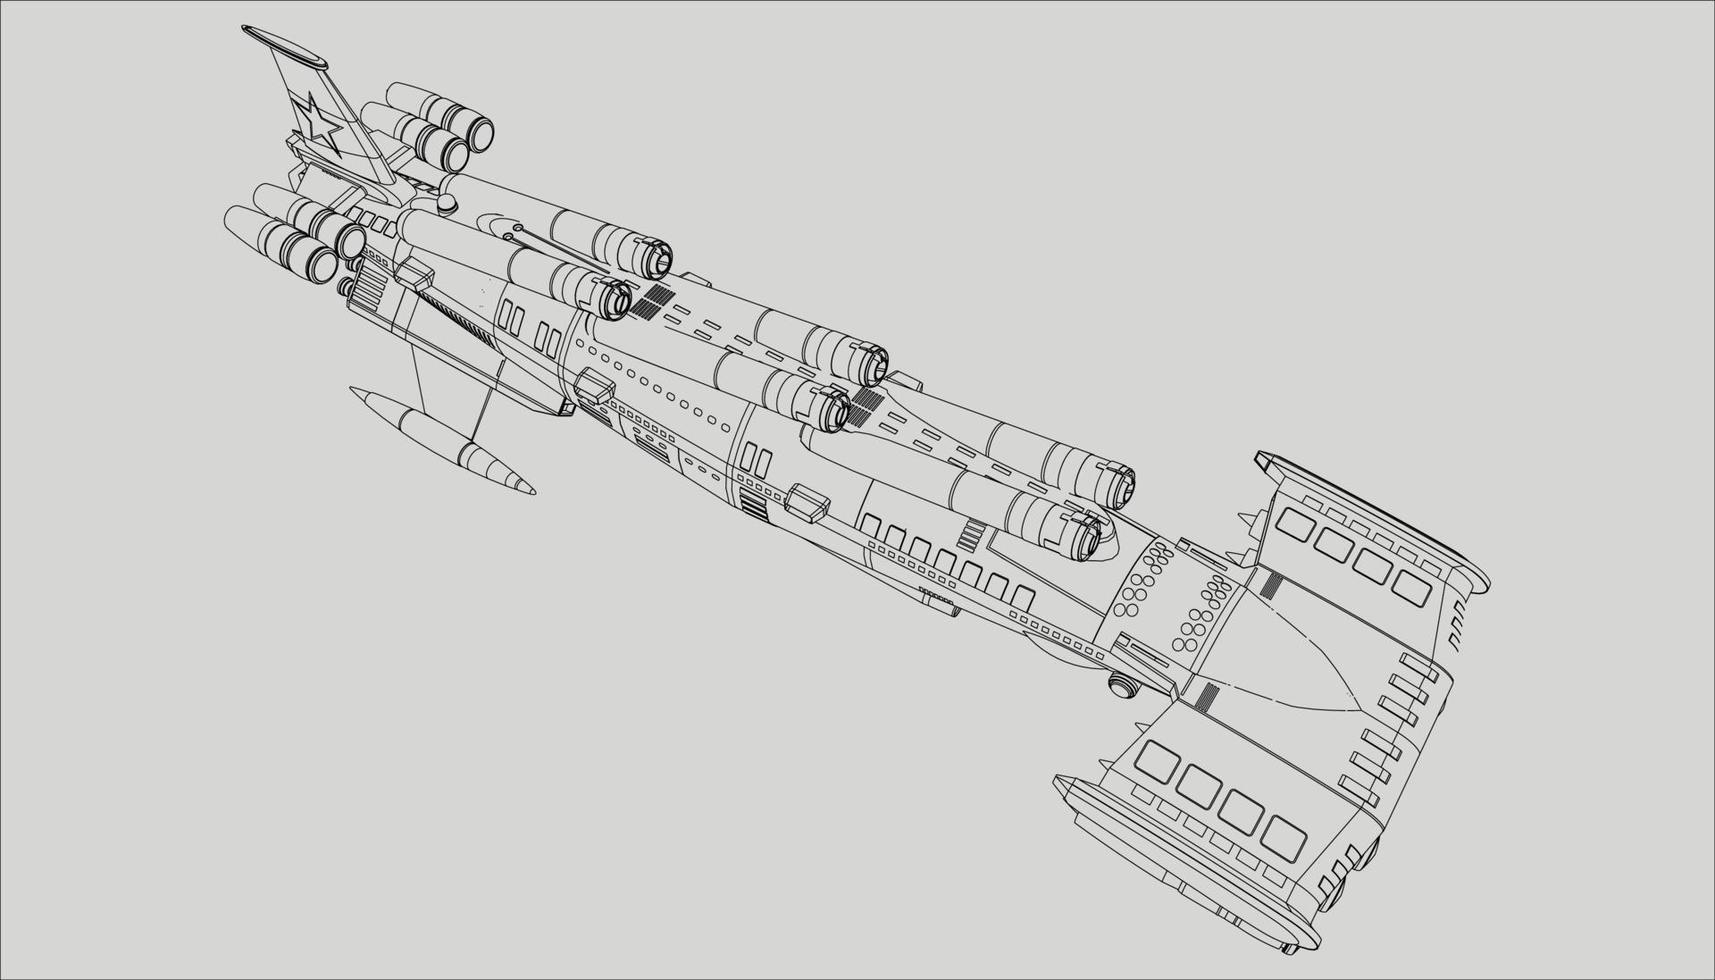 lineart de la nave espacial vector